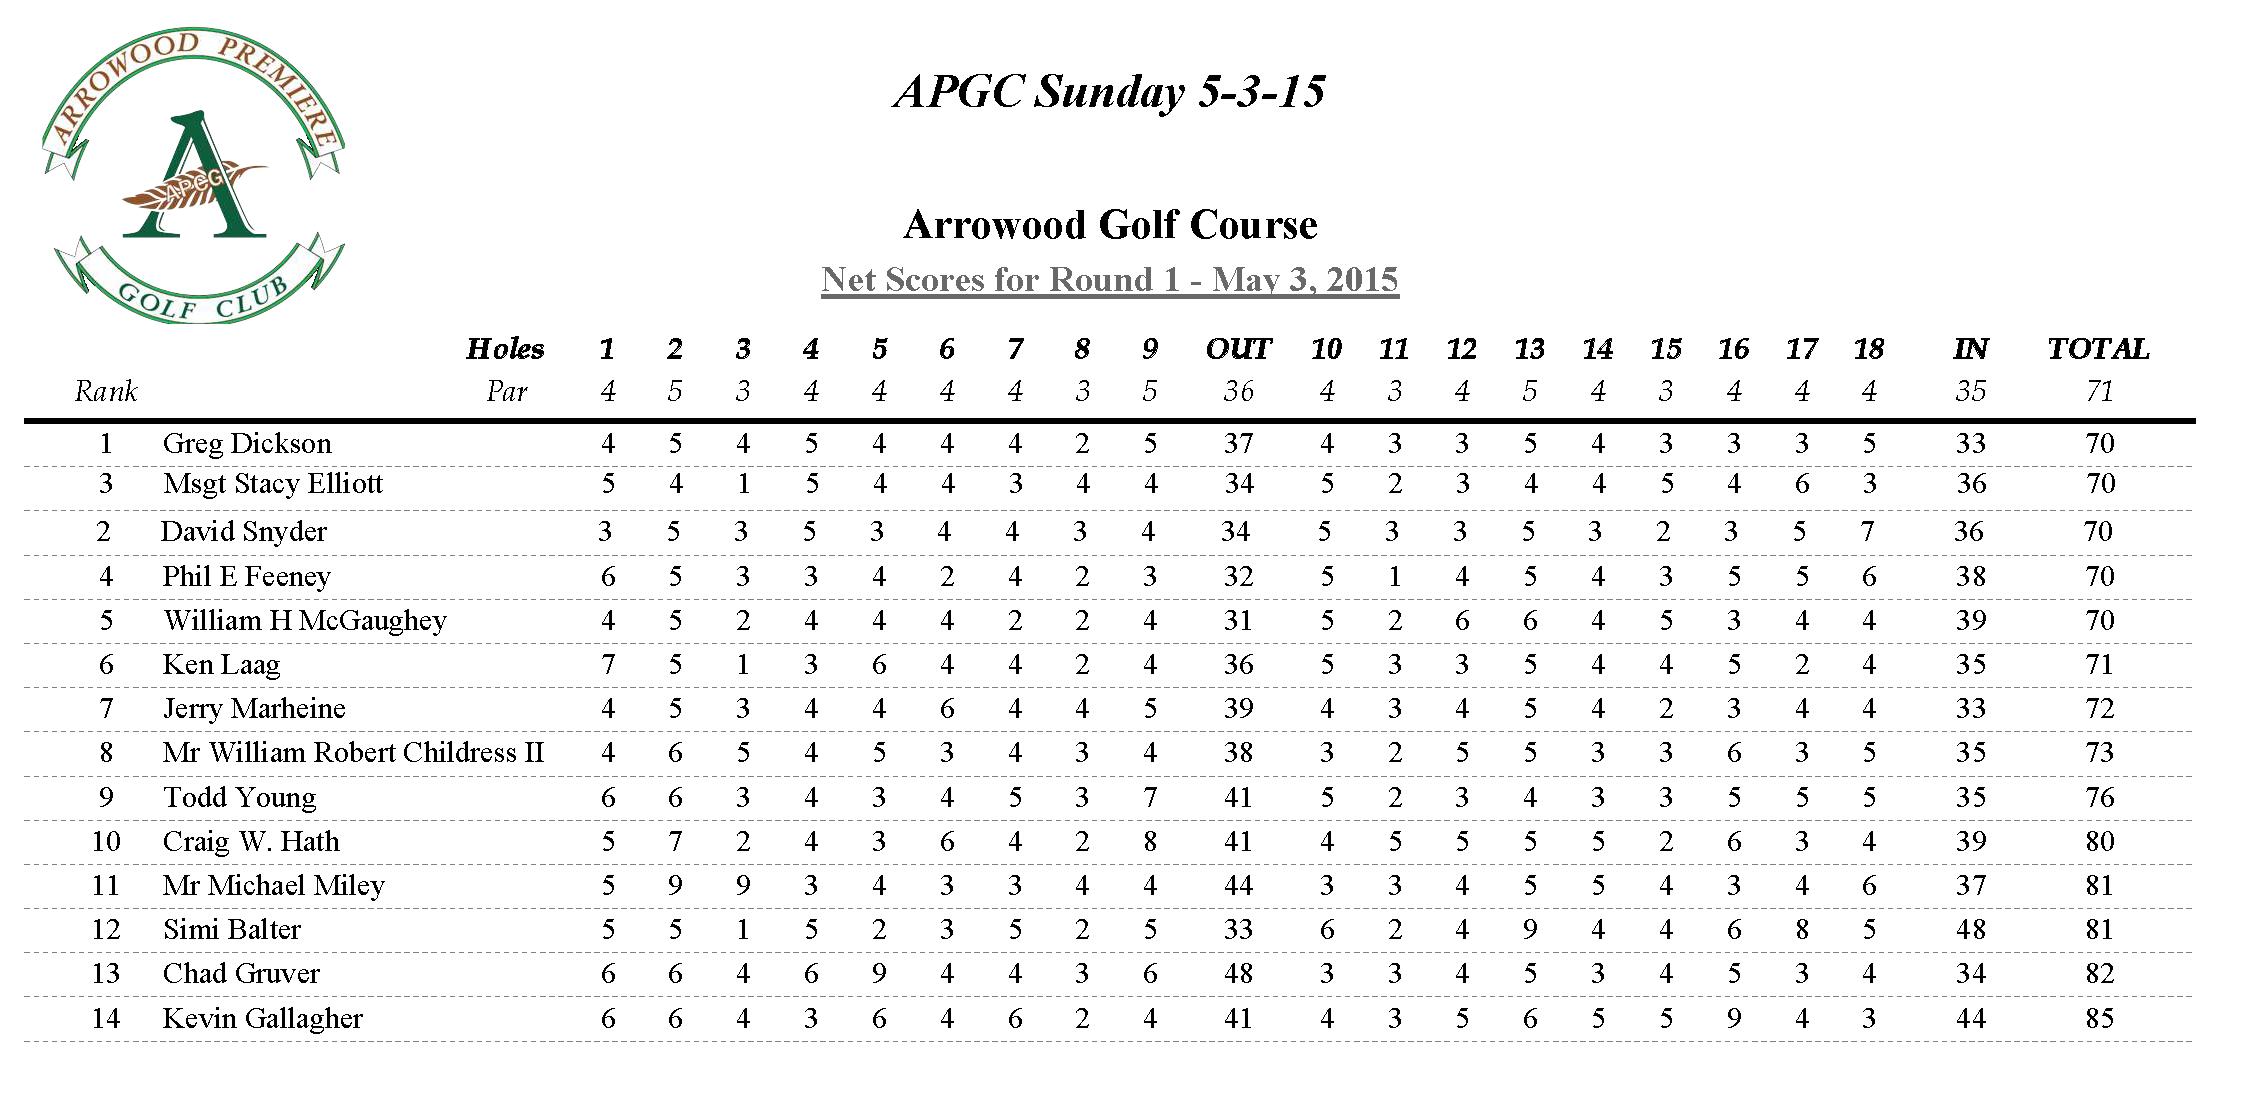 APGC 5-3-15